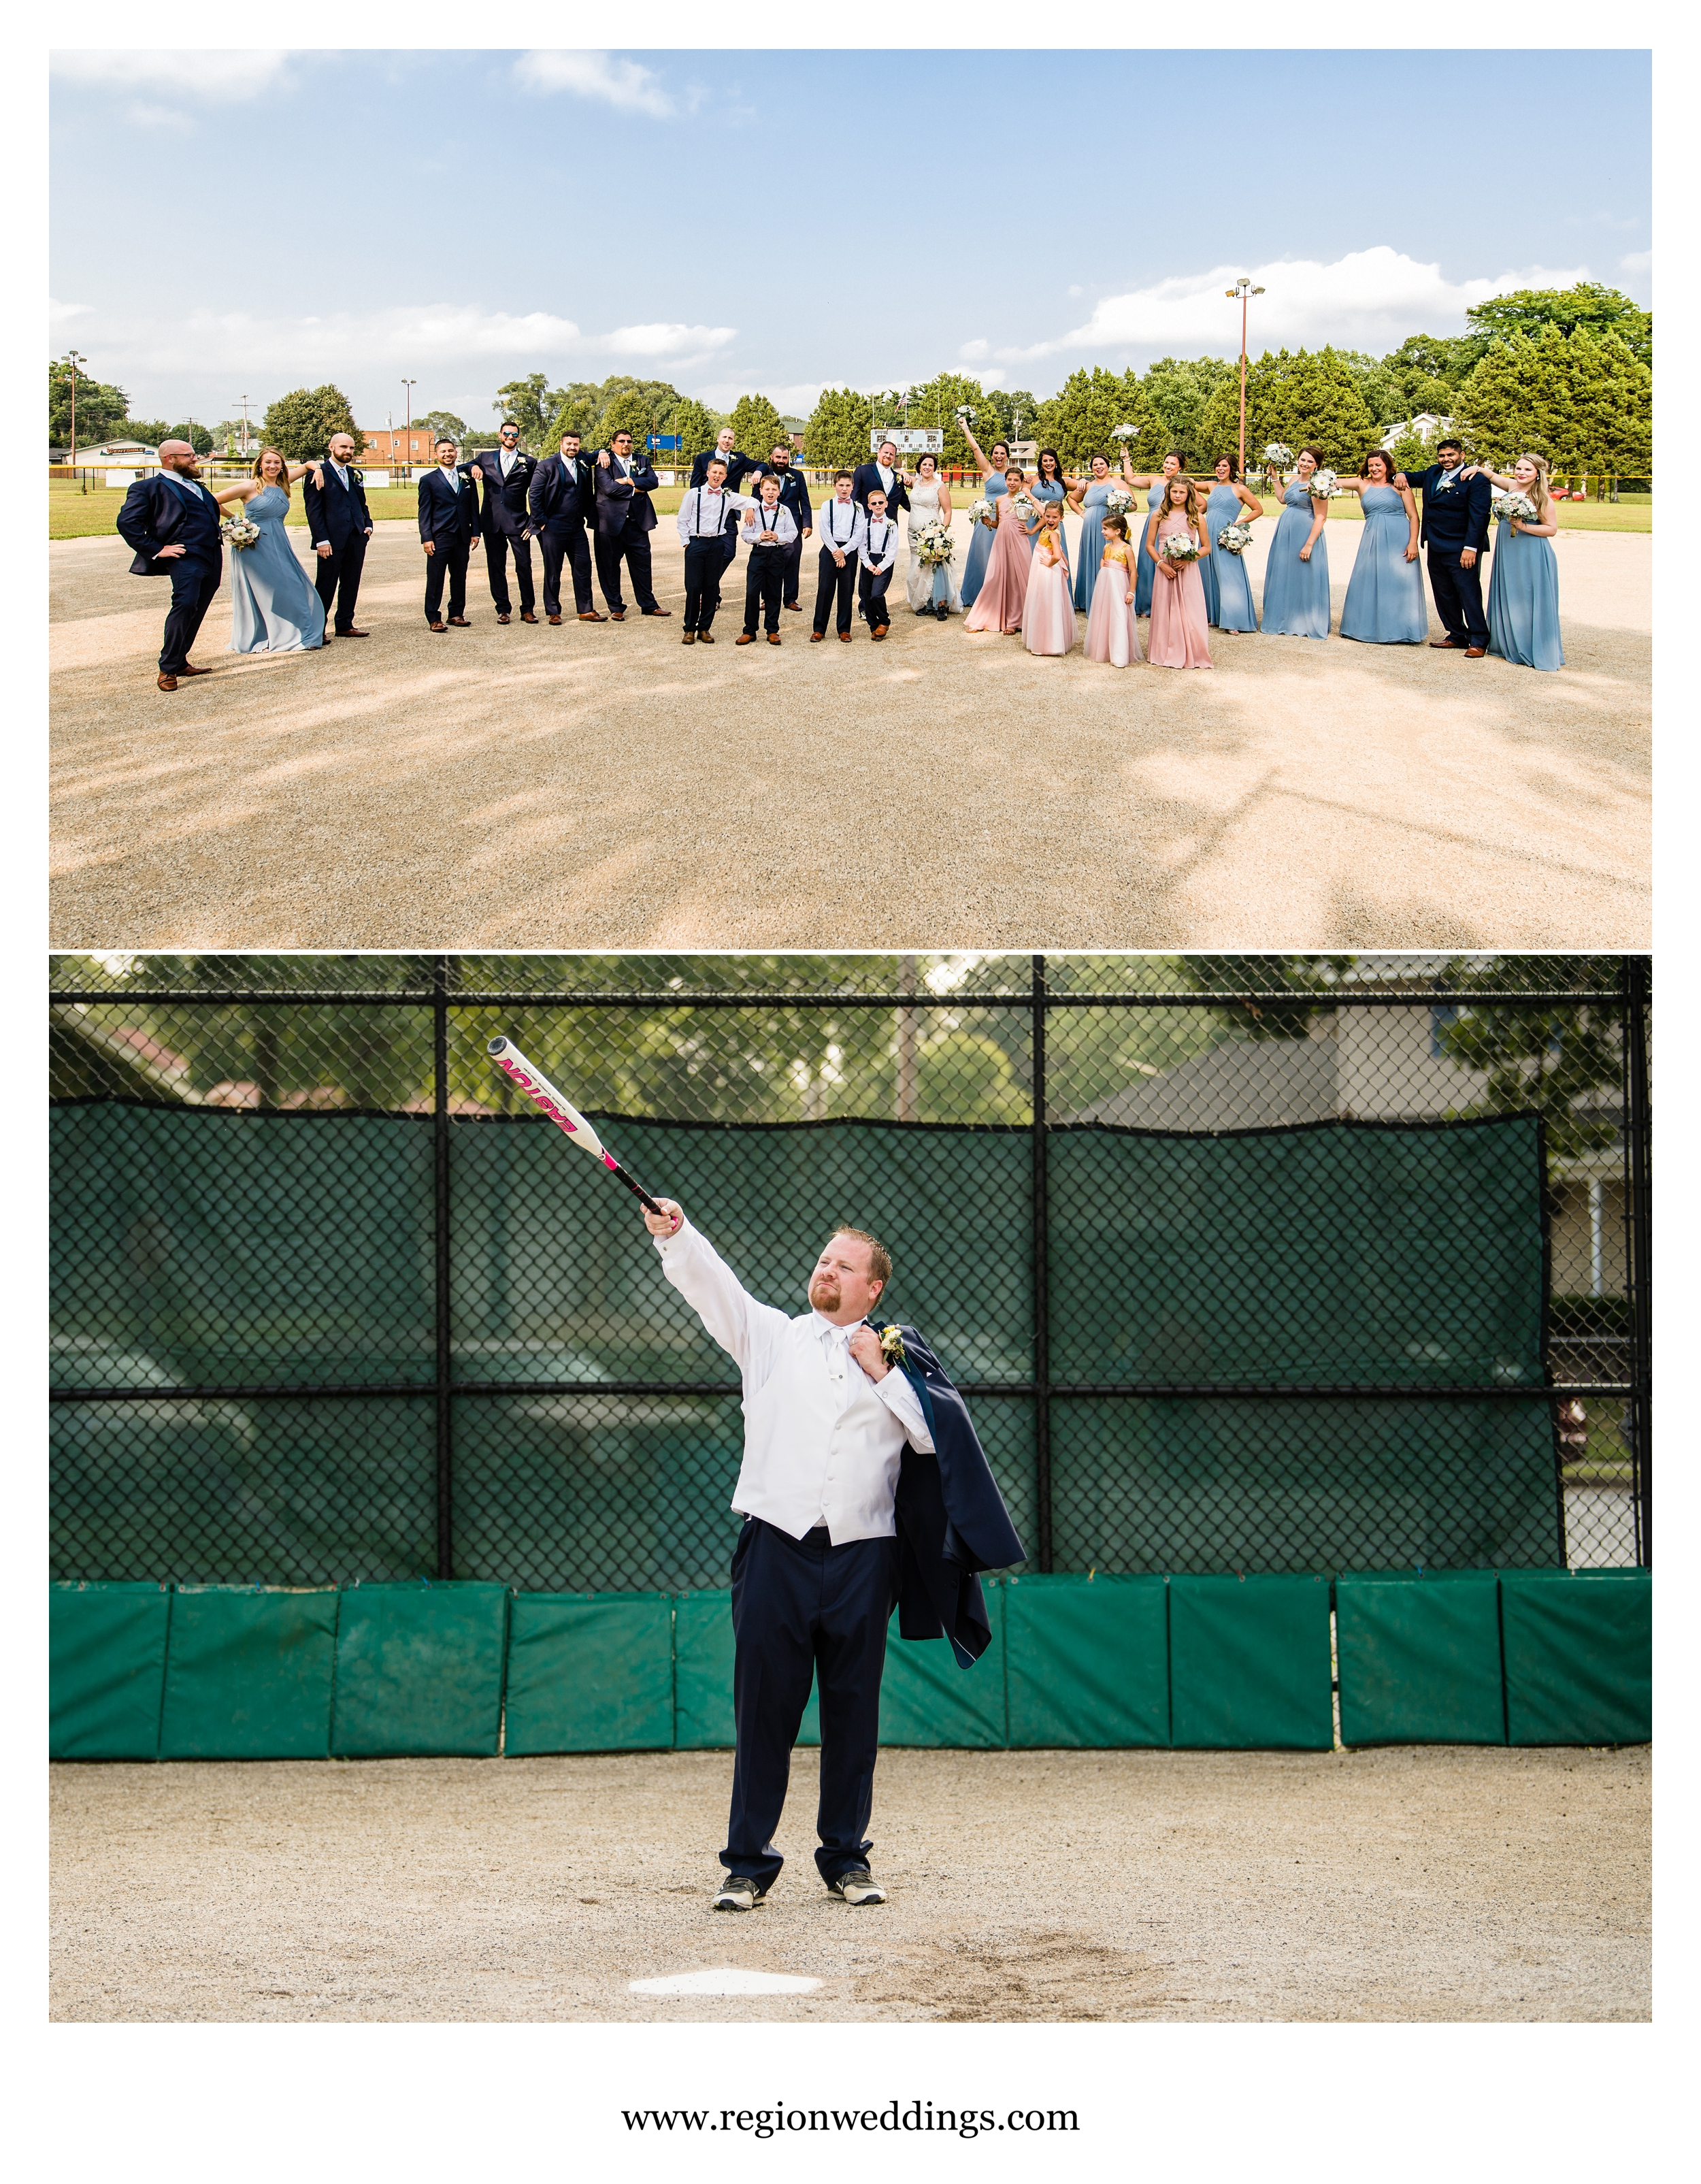 Fun baseball themed wedding photos.